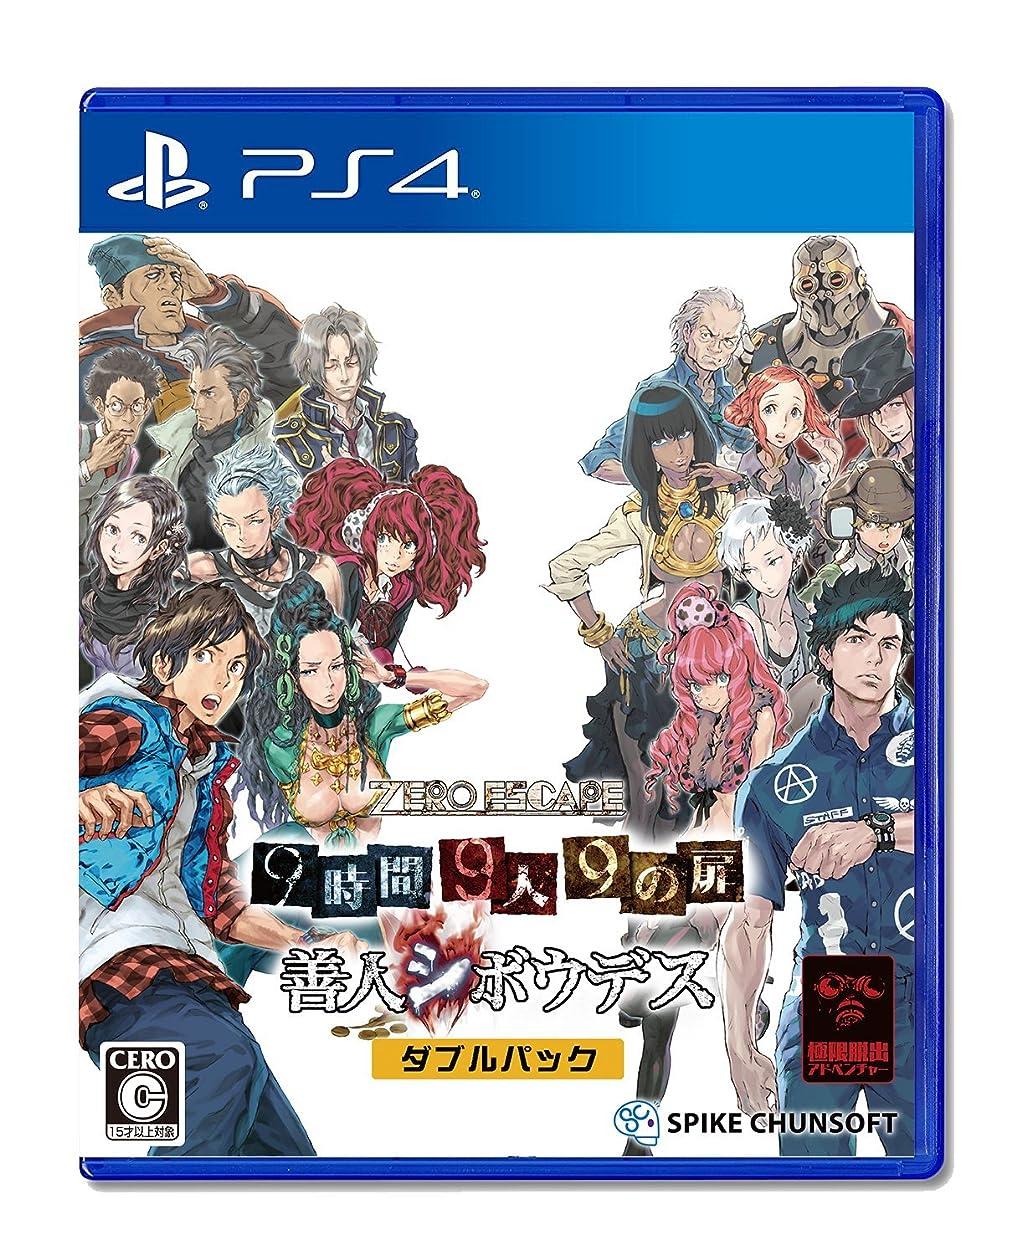 王族トロリーエレガント【PS4】ZERO ESCAPE 9時間9人9の扉 善人シボウデス ダブルパック